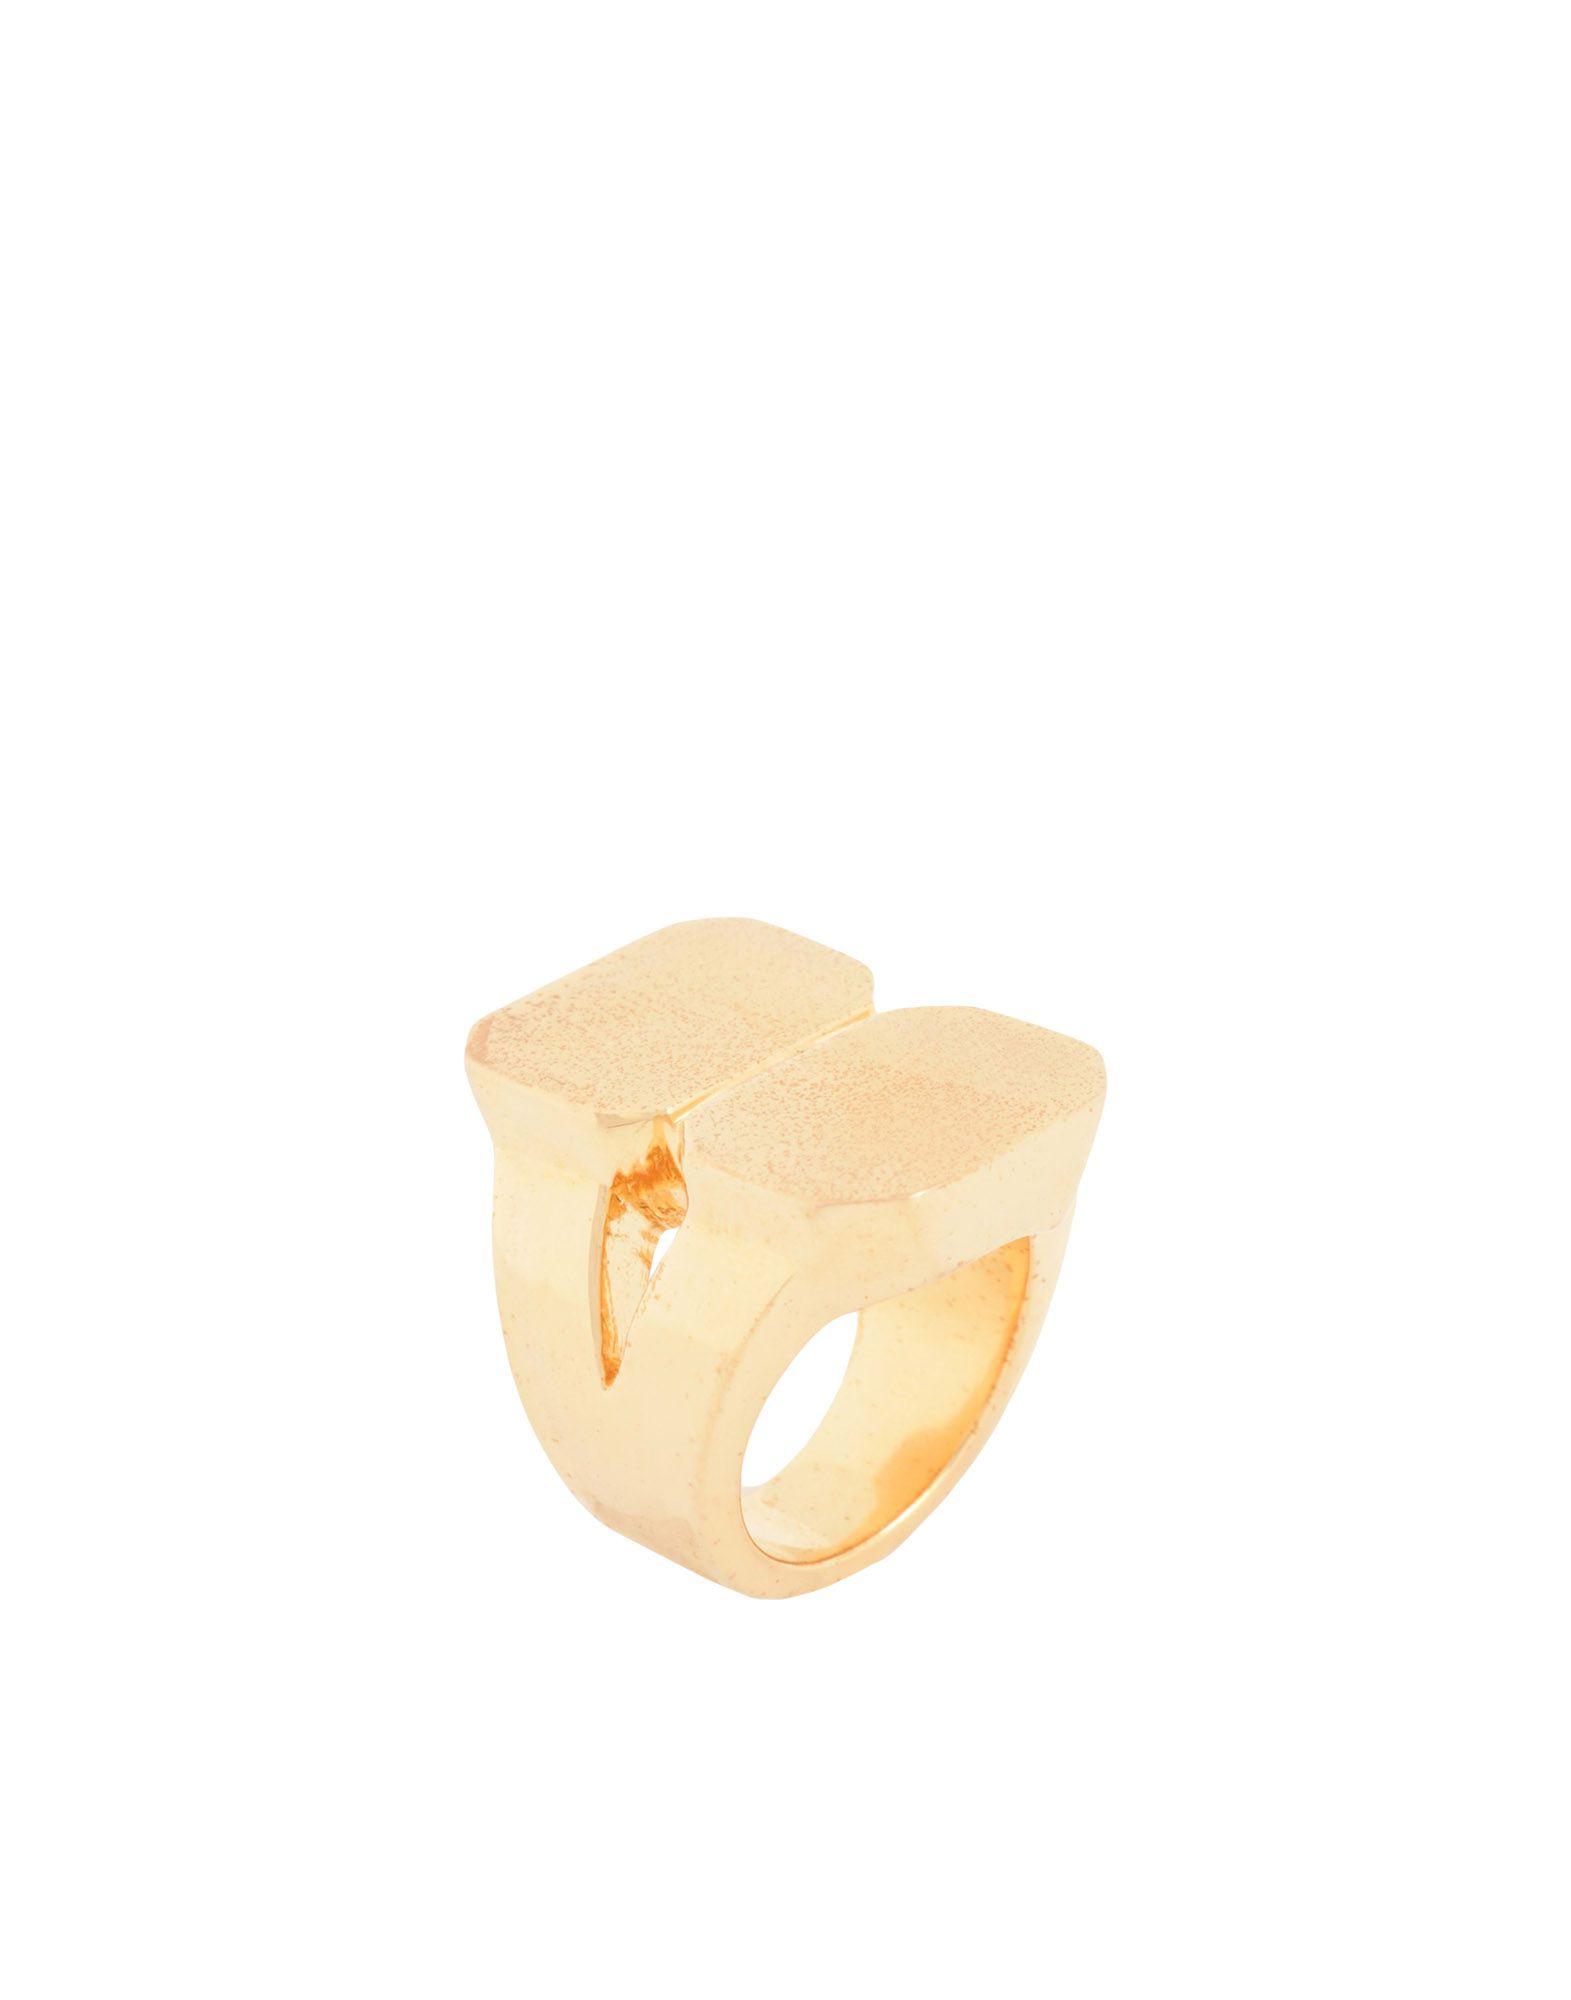 《送料無料》JENNIFER FISHER レディース 指輪 ゴールド 6 金属